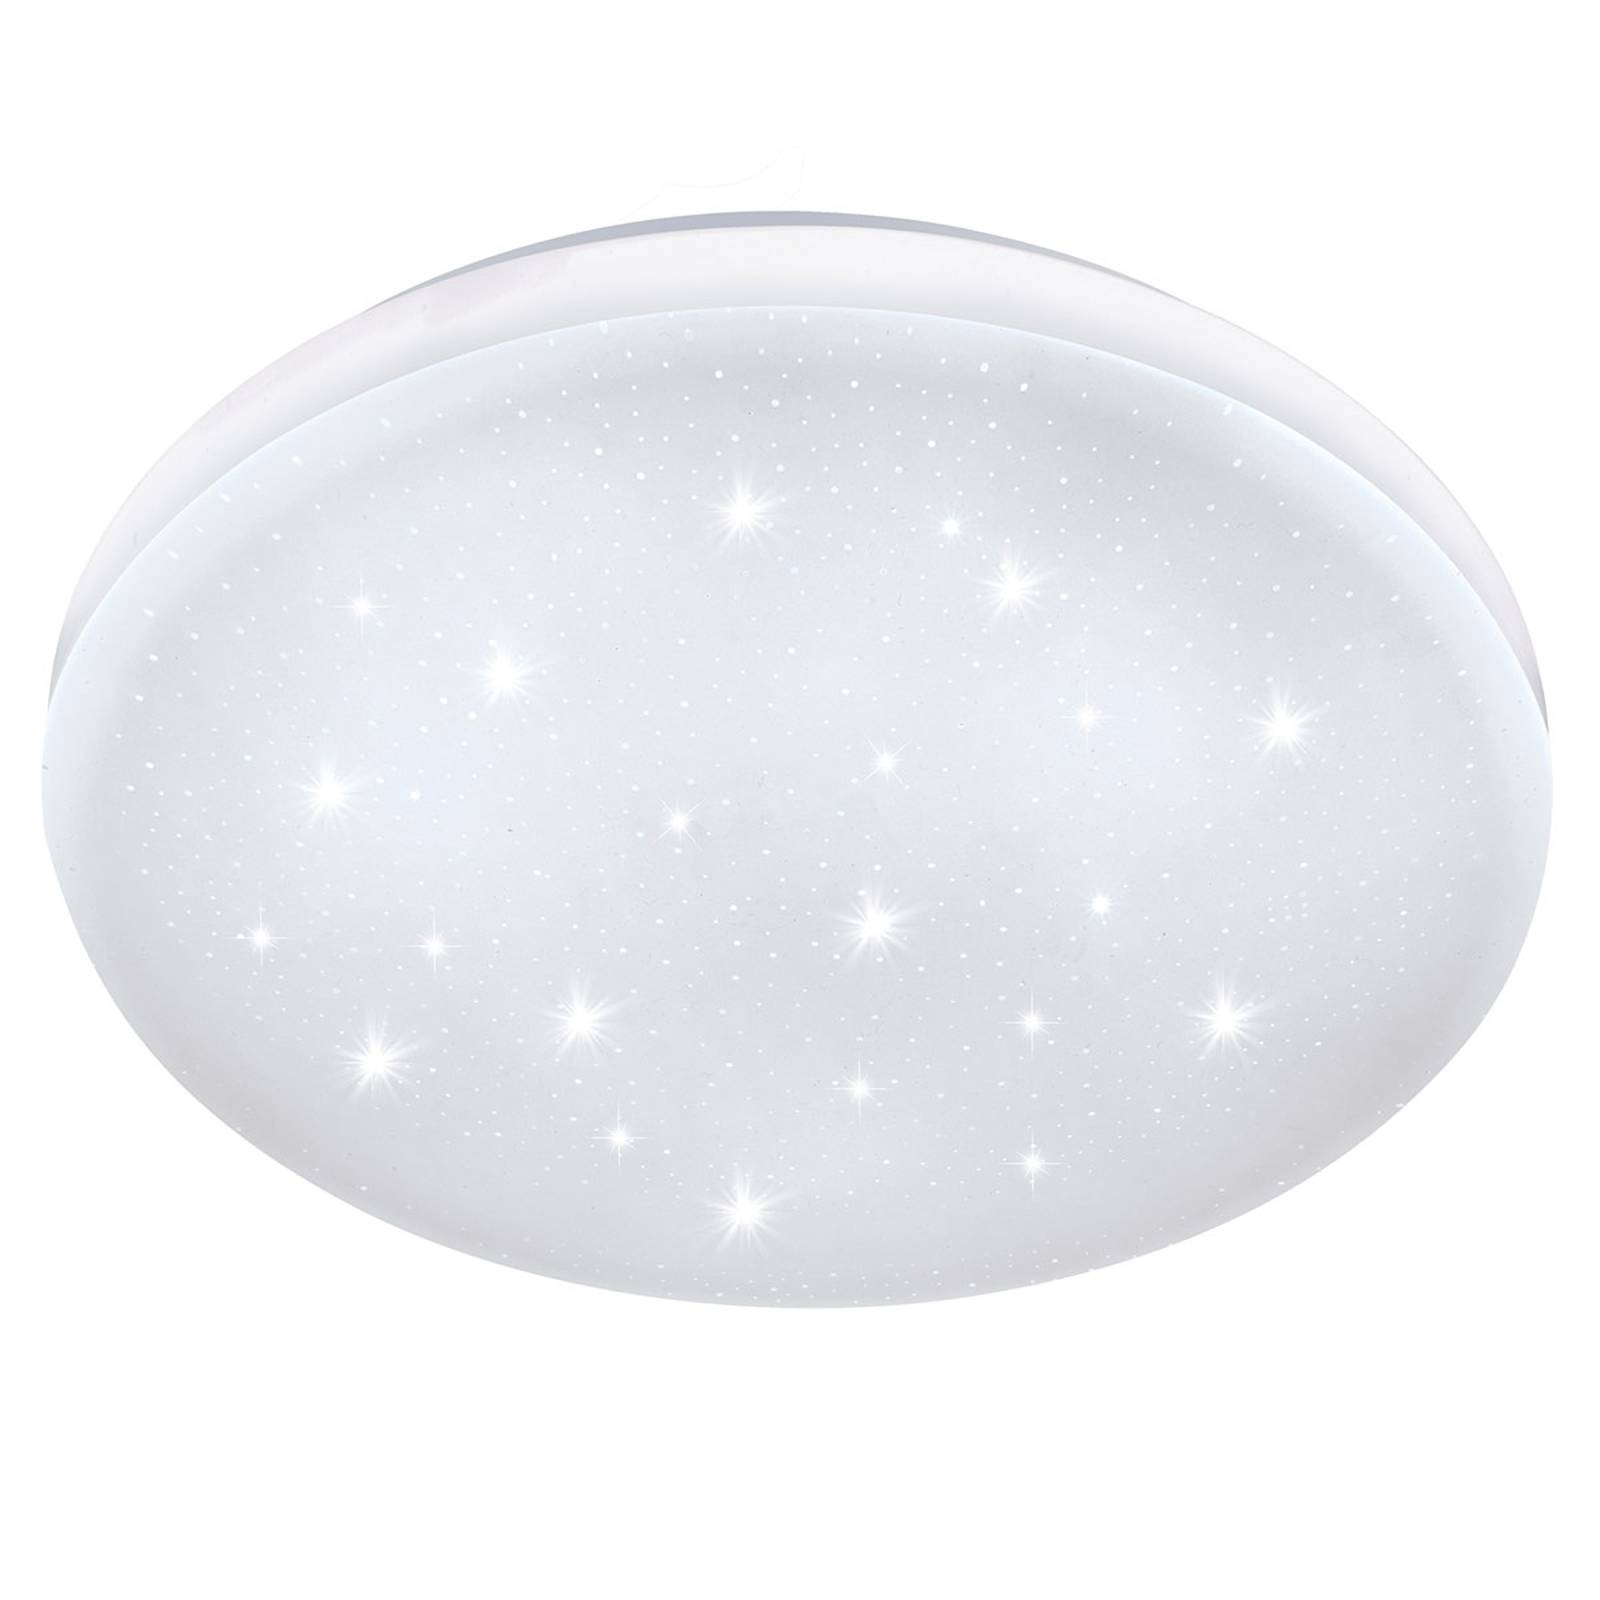 Frania-S-LED-kattovalo, kristallitehostein Ø 33 cm